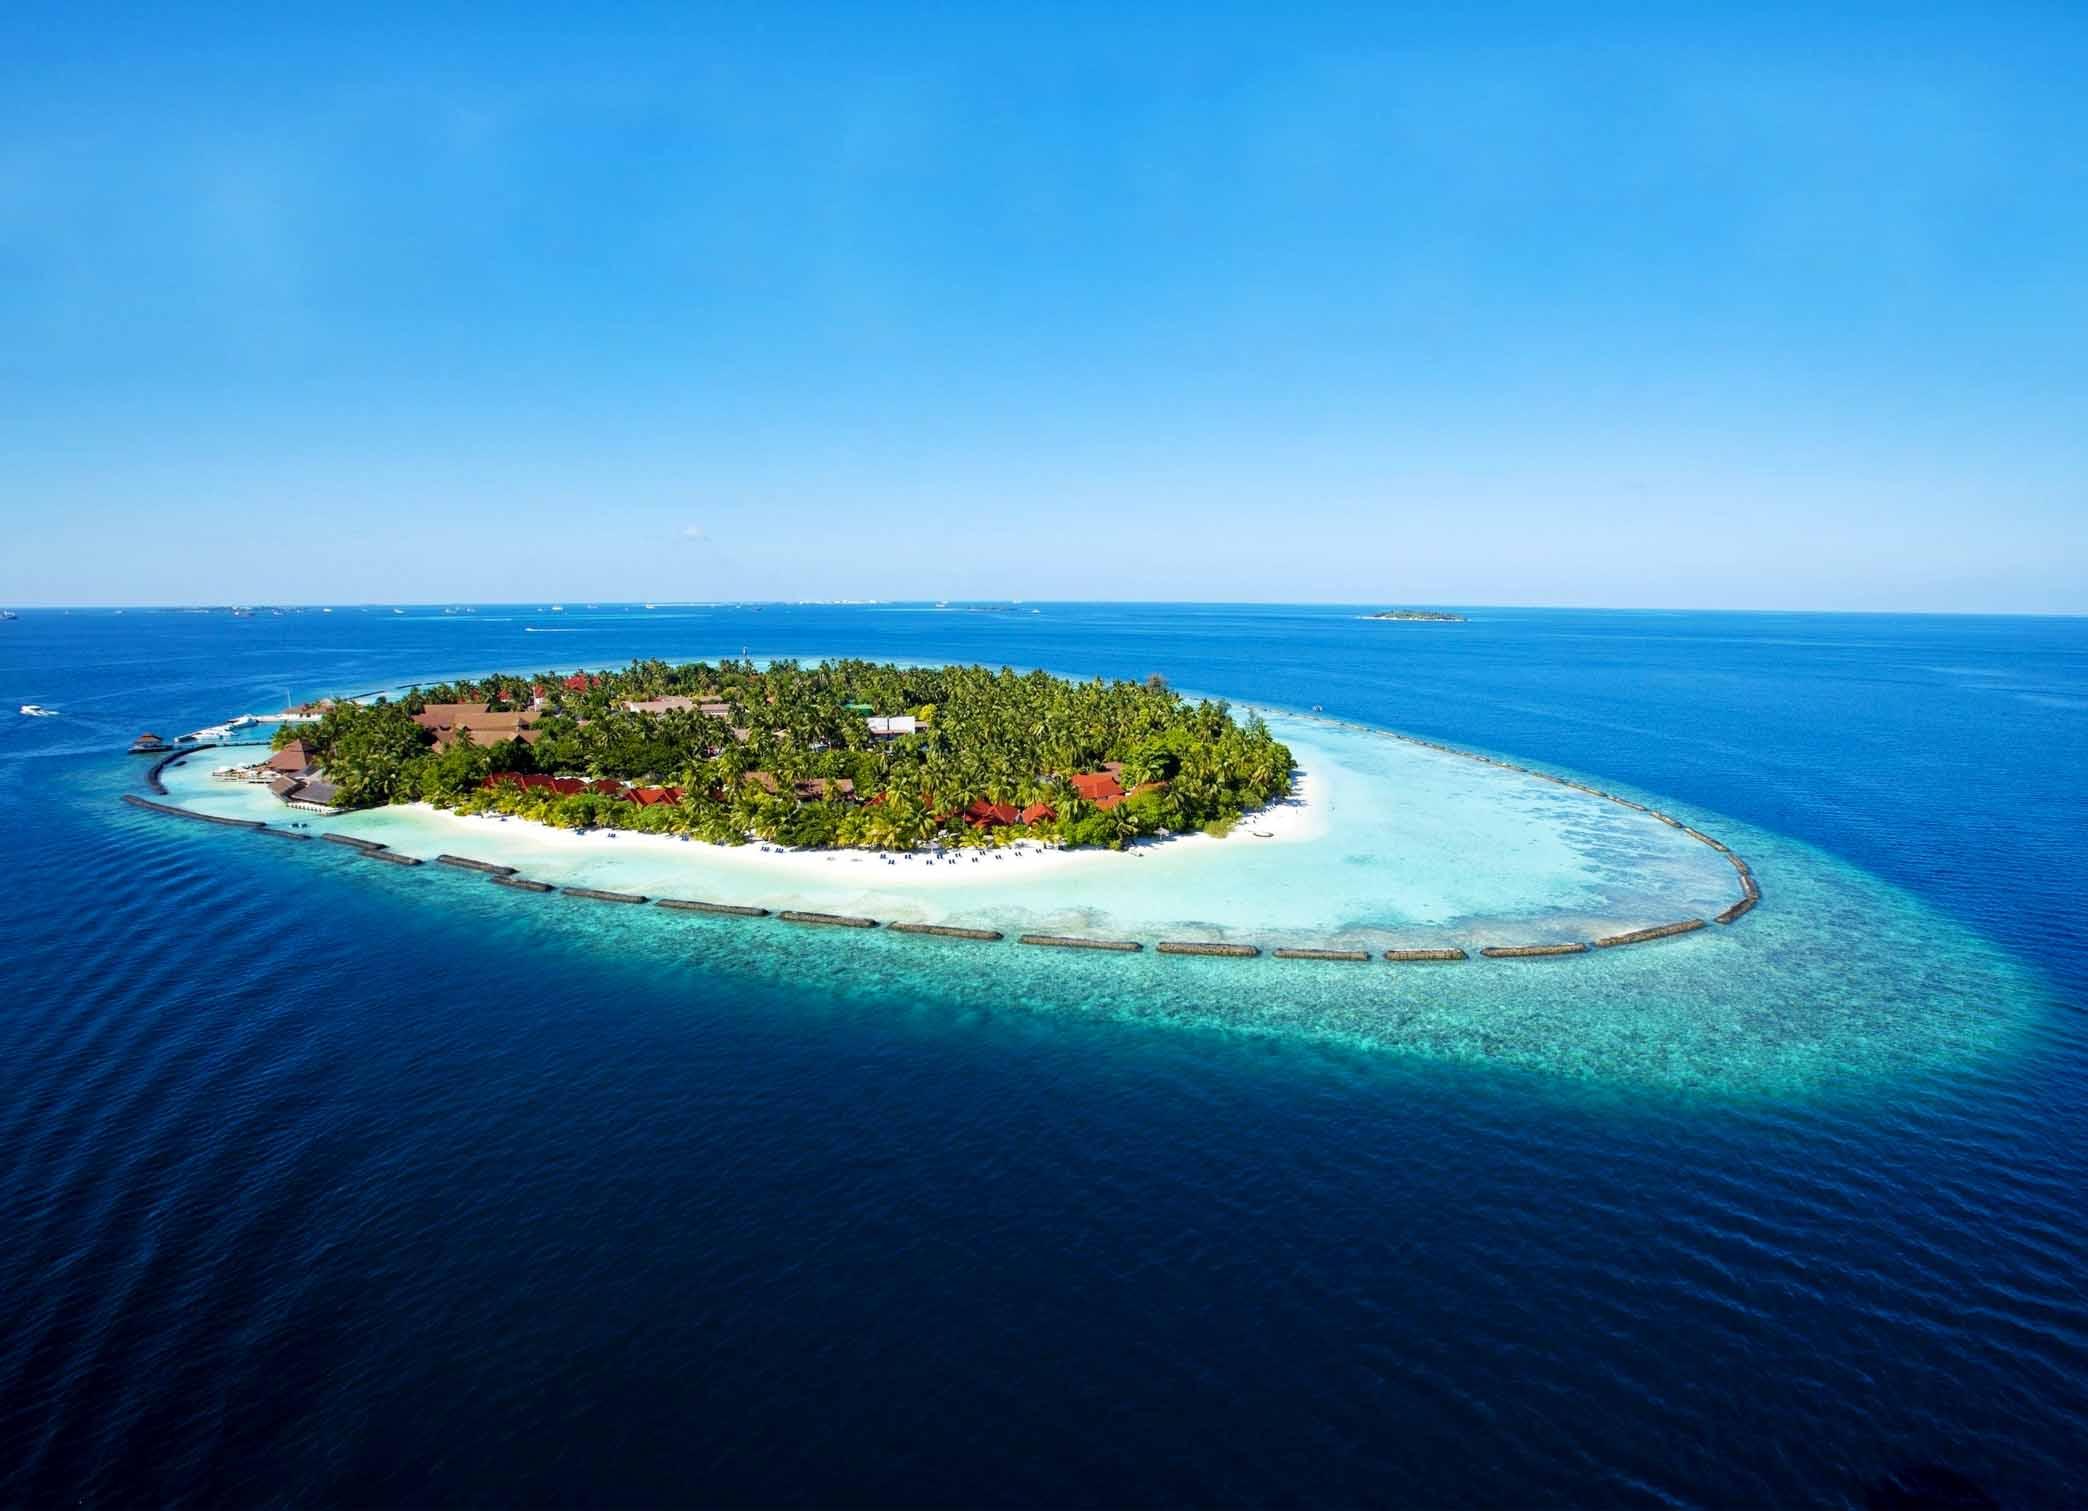 水域生态系统——海洋生态系统